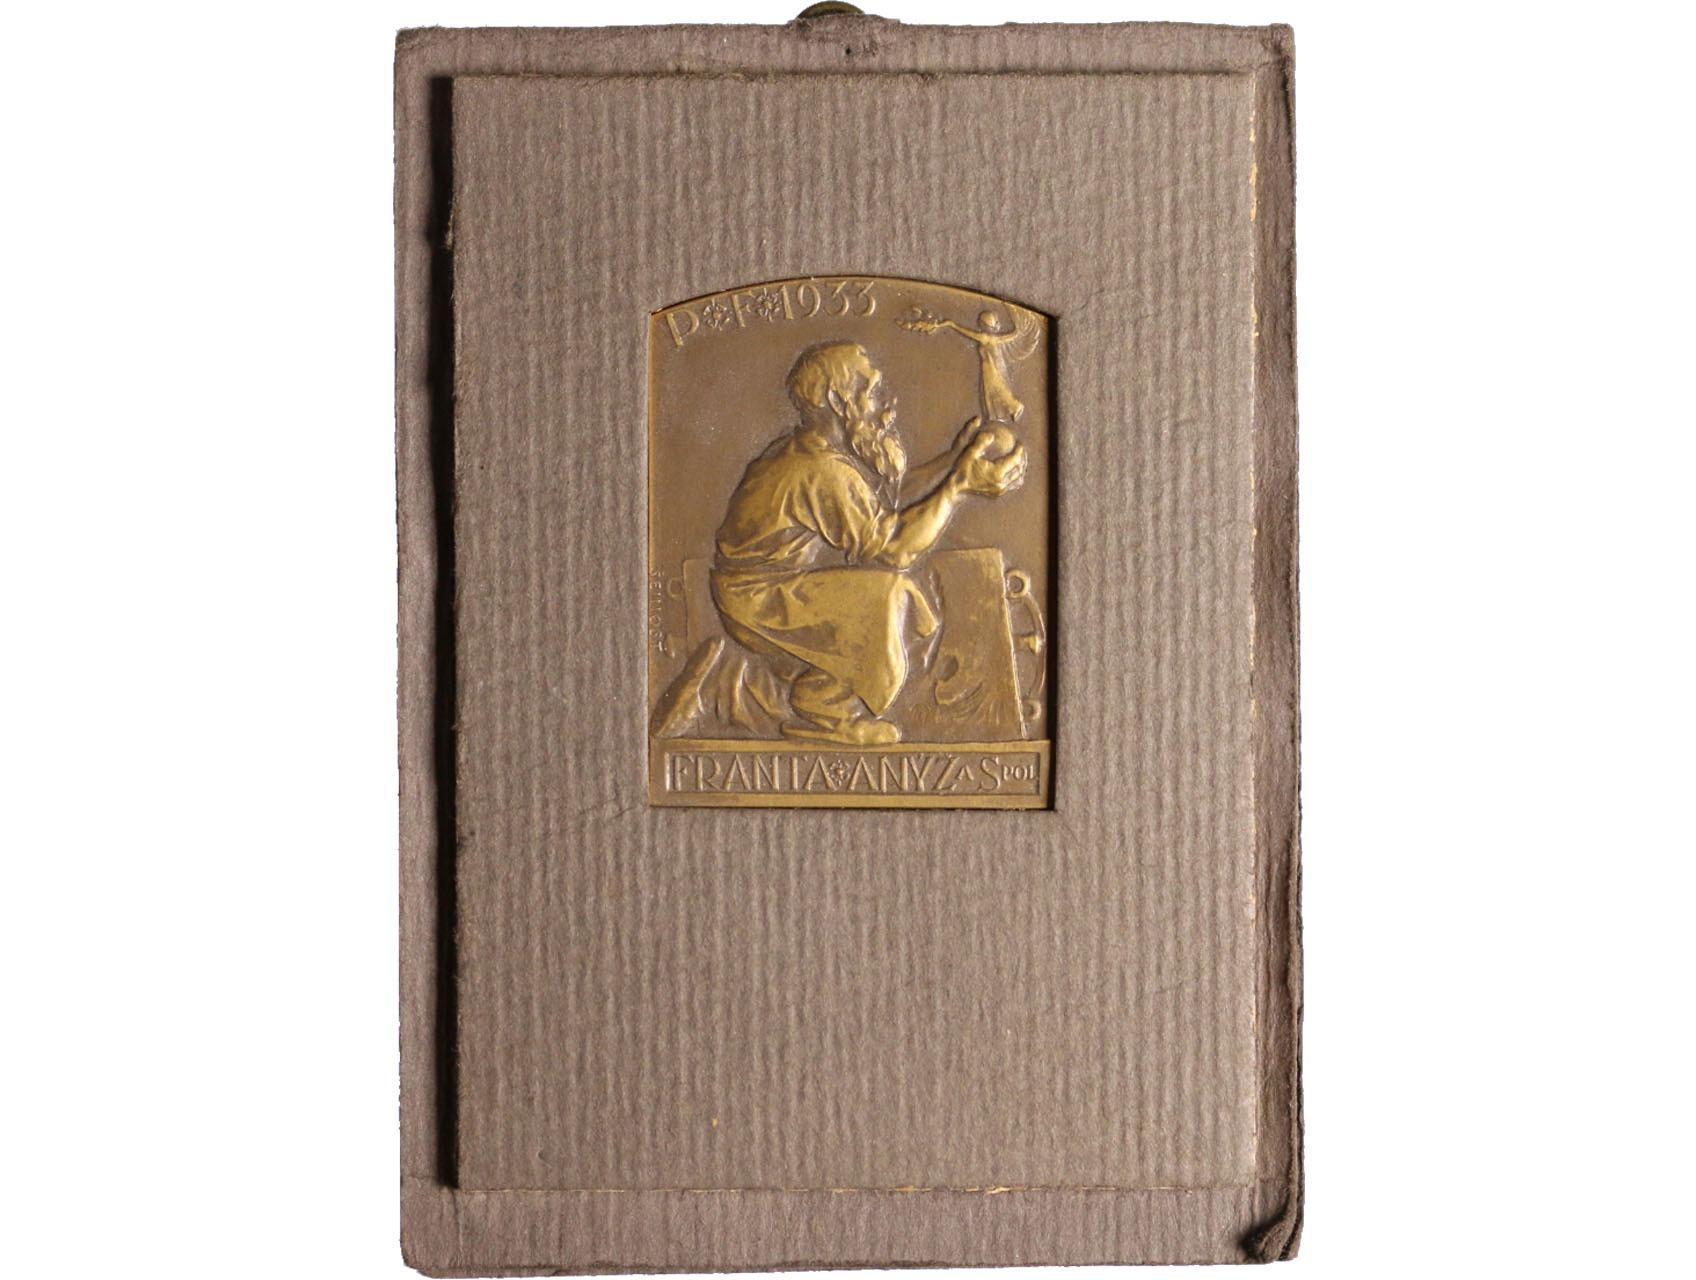 Šejnost Josef 1878-1941 - AE medaile jednostranná, Anýž František, novoročenka 1933. Sedící slévač drží sošku bohyně Niké, text. Původní obal. Bo-002a